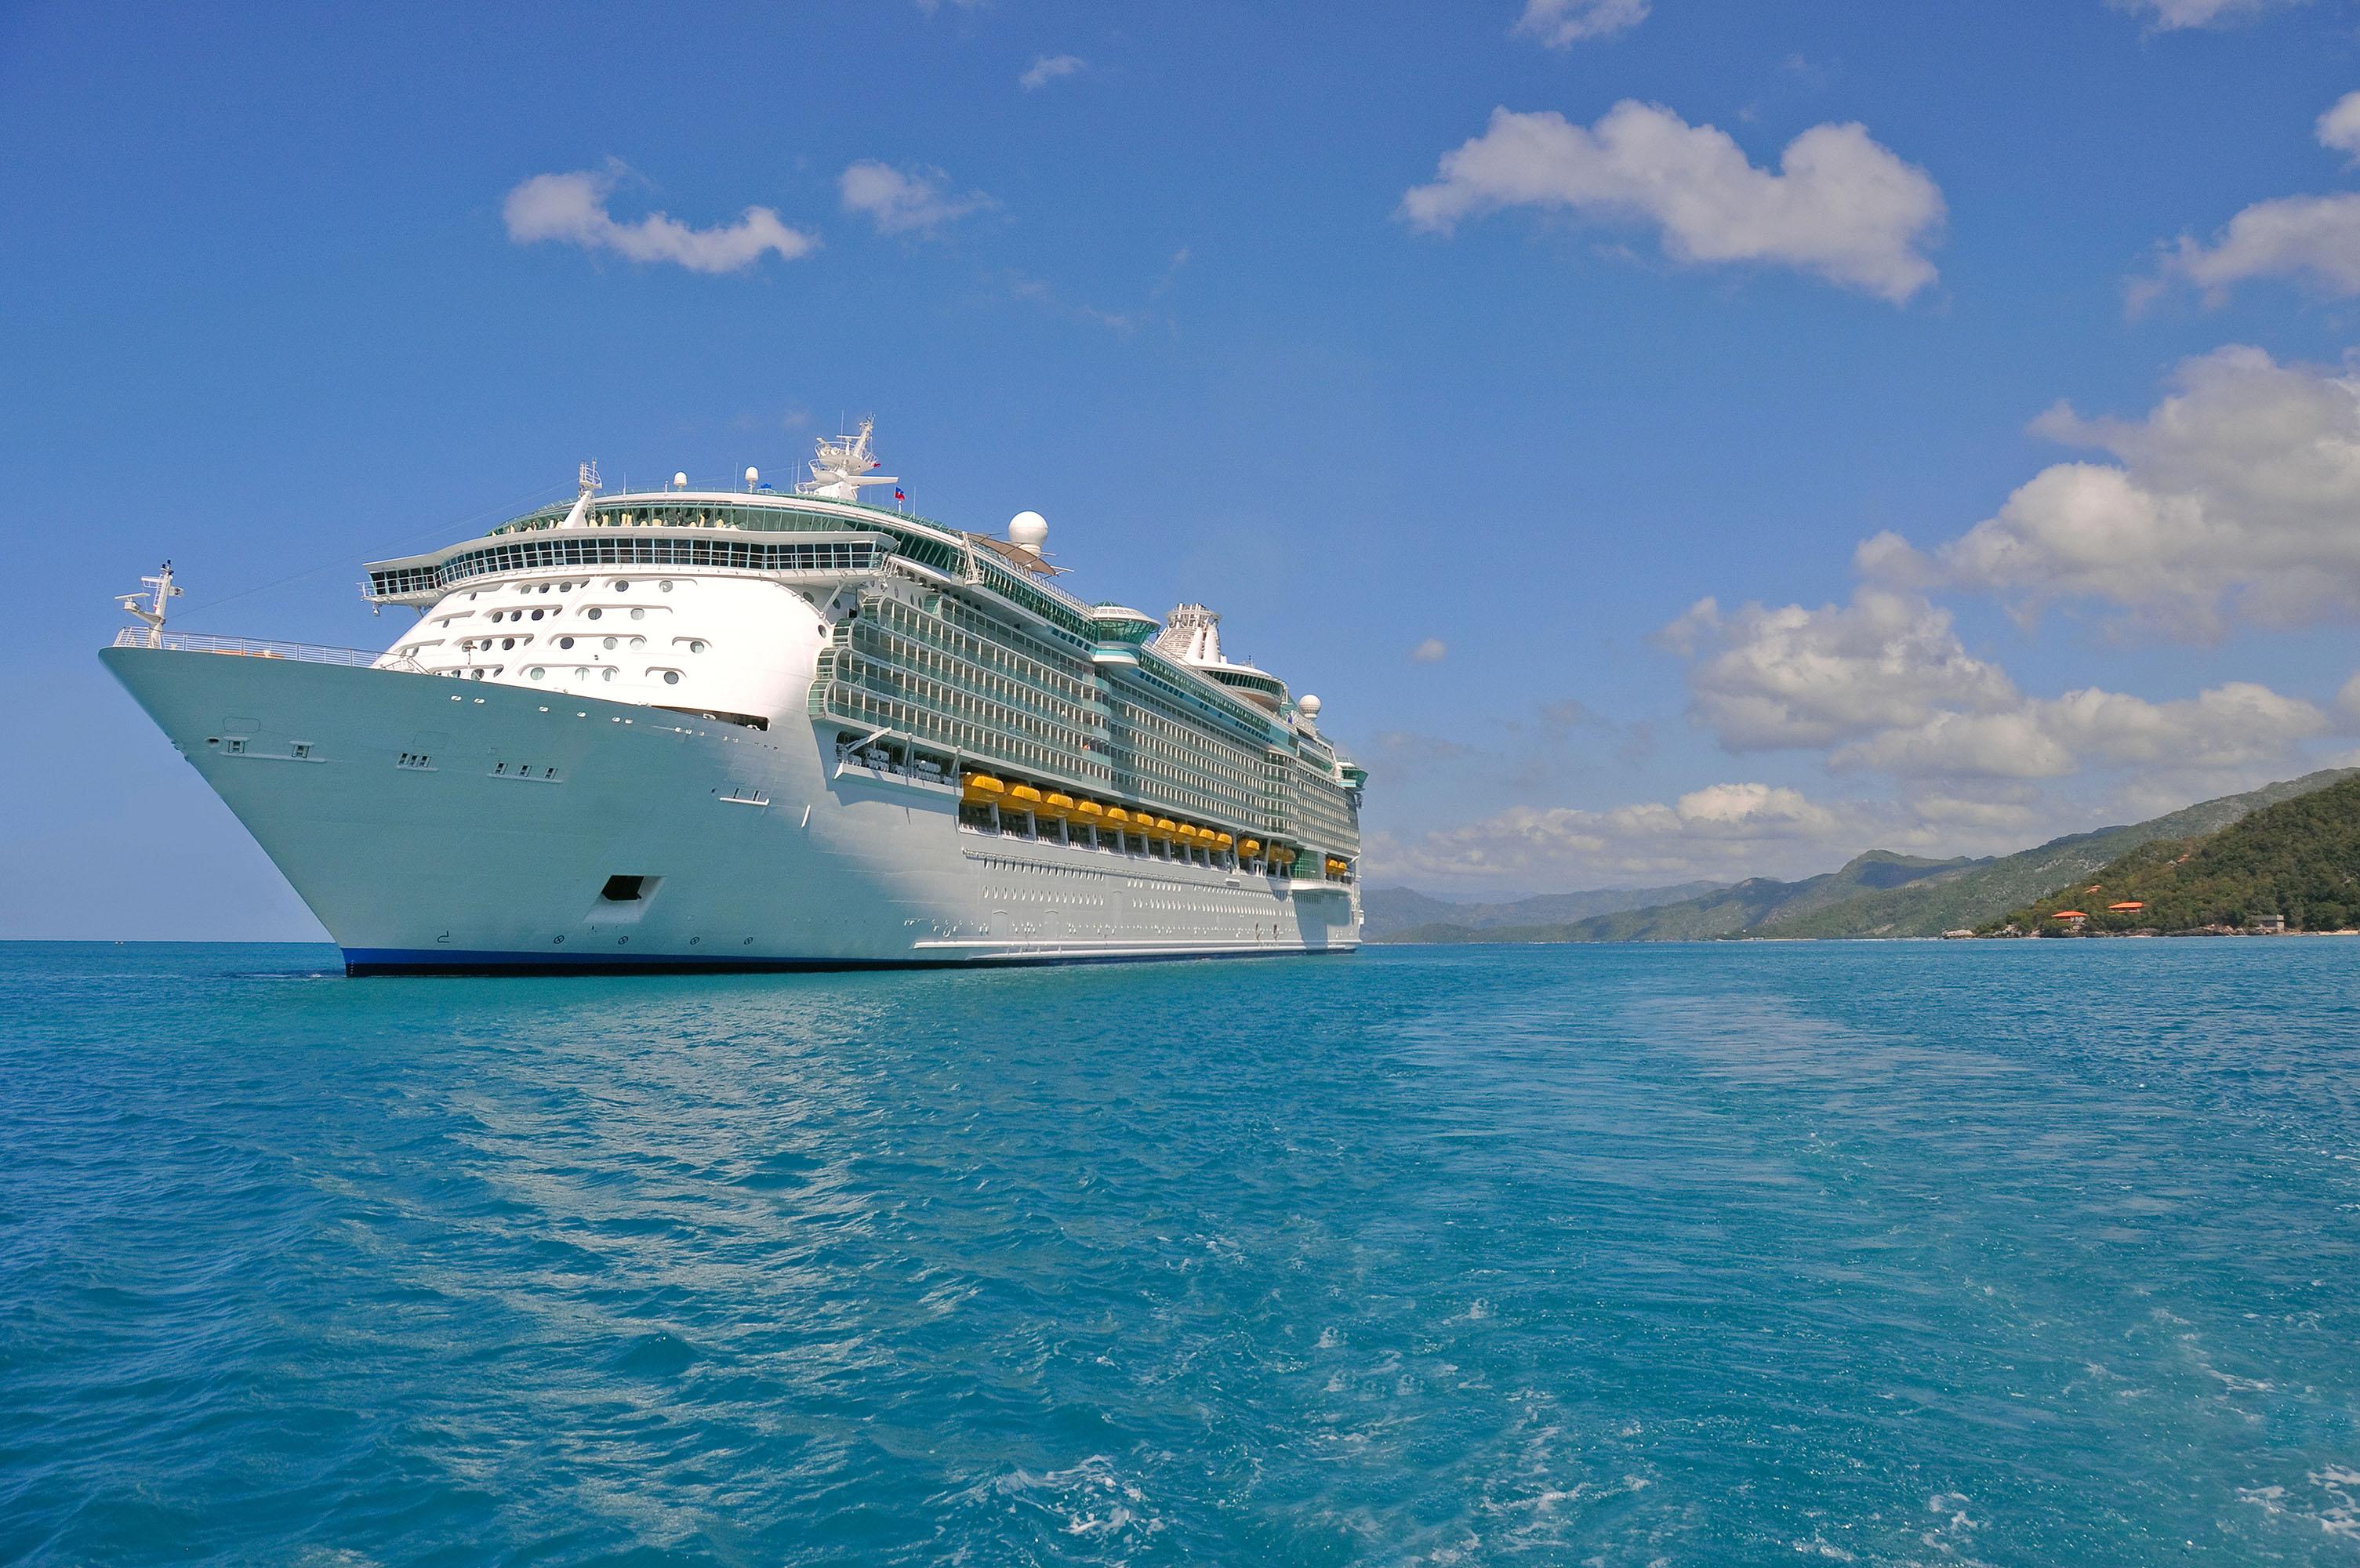 Круизный лайнер в море, корабль большой, 3010 на 2000 пикселей